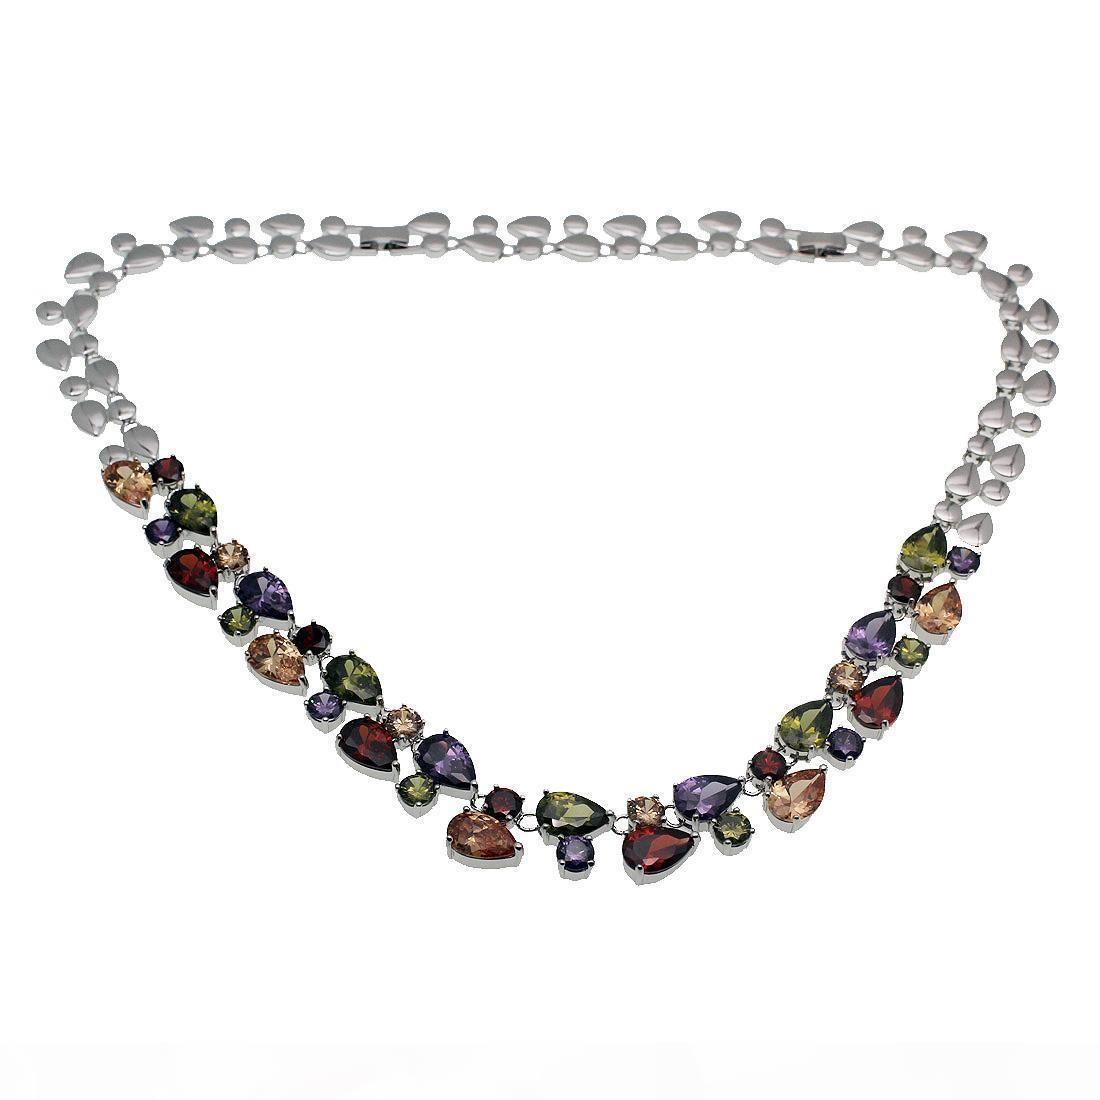 Hermosa cadena de 16 pulgadas collar de plata de ley 925 de la piedra preciosa Morganita Rojo Granate Peridoto amatista mujeres joyería